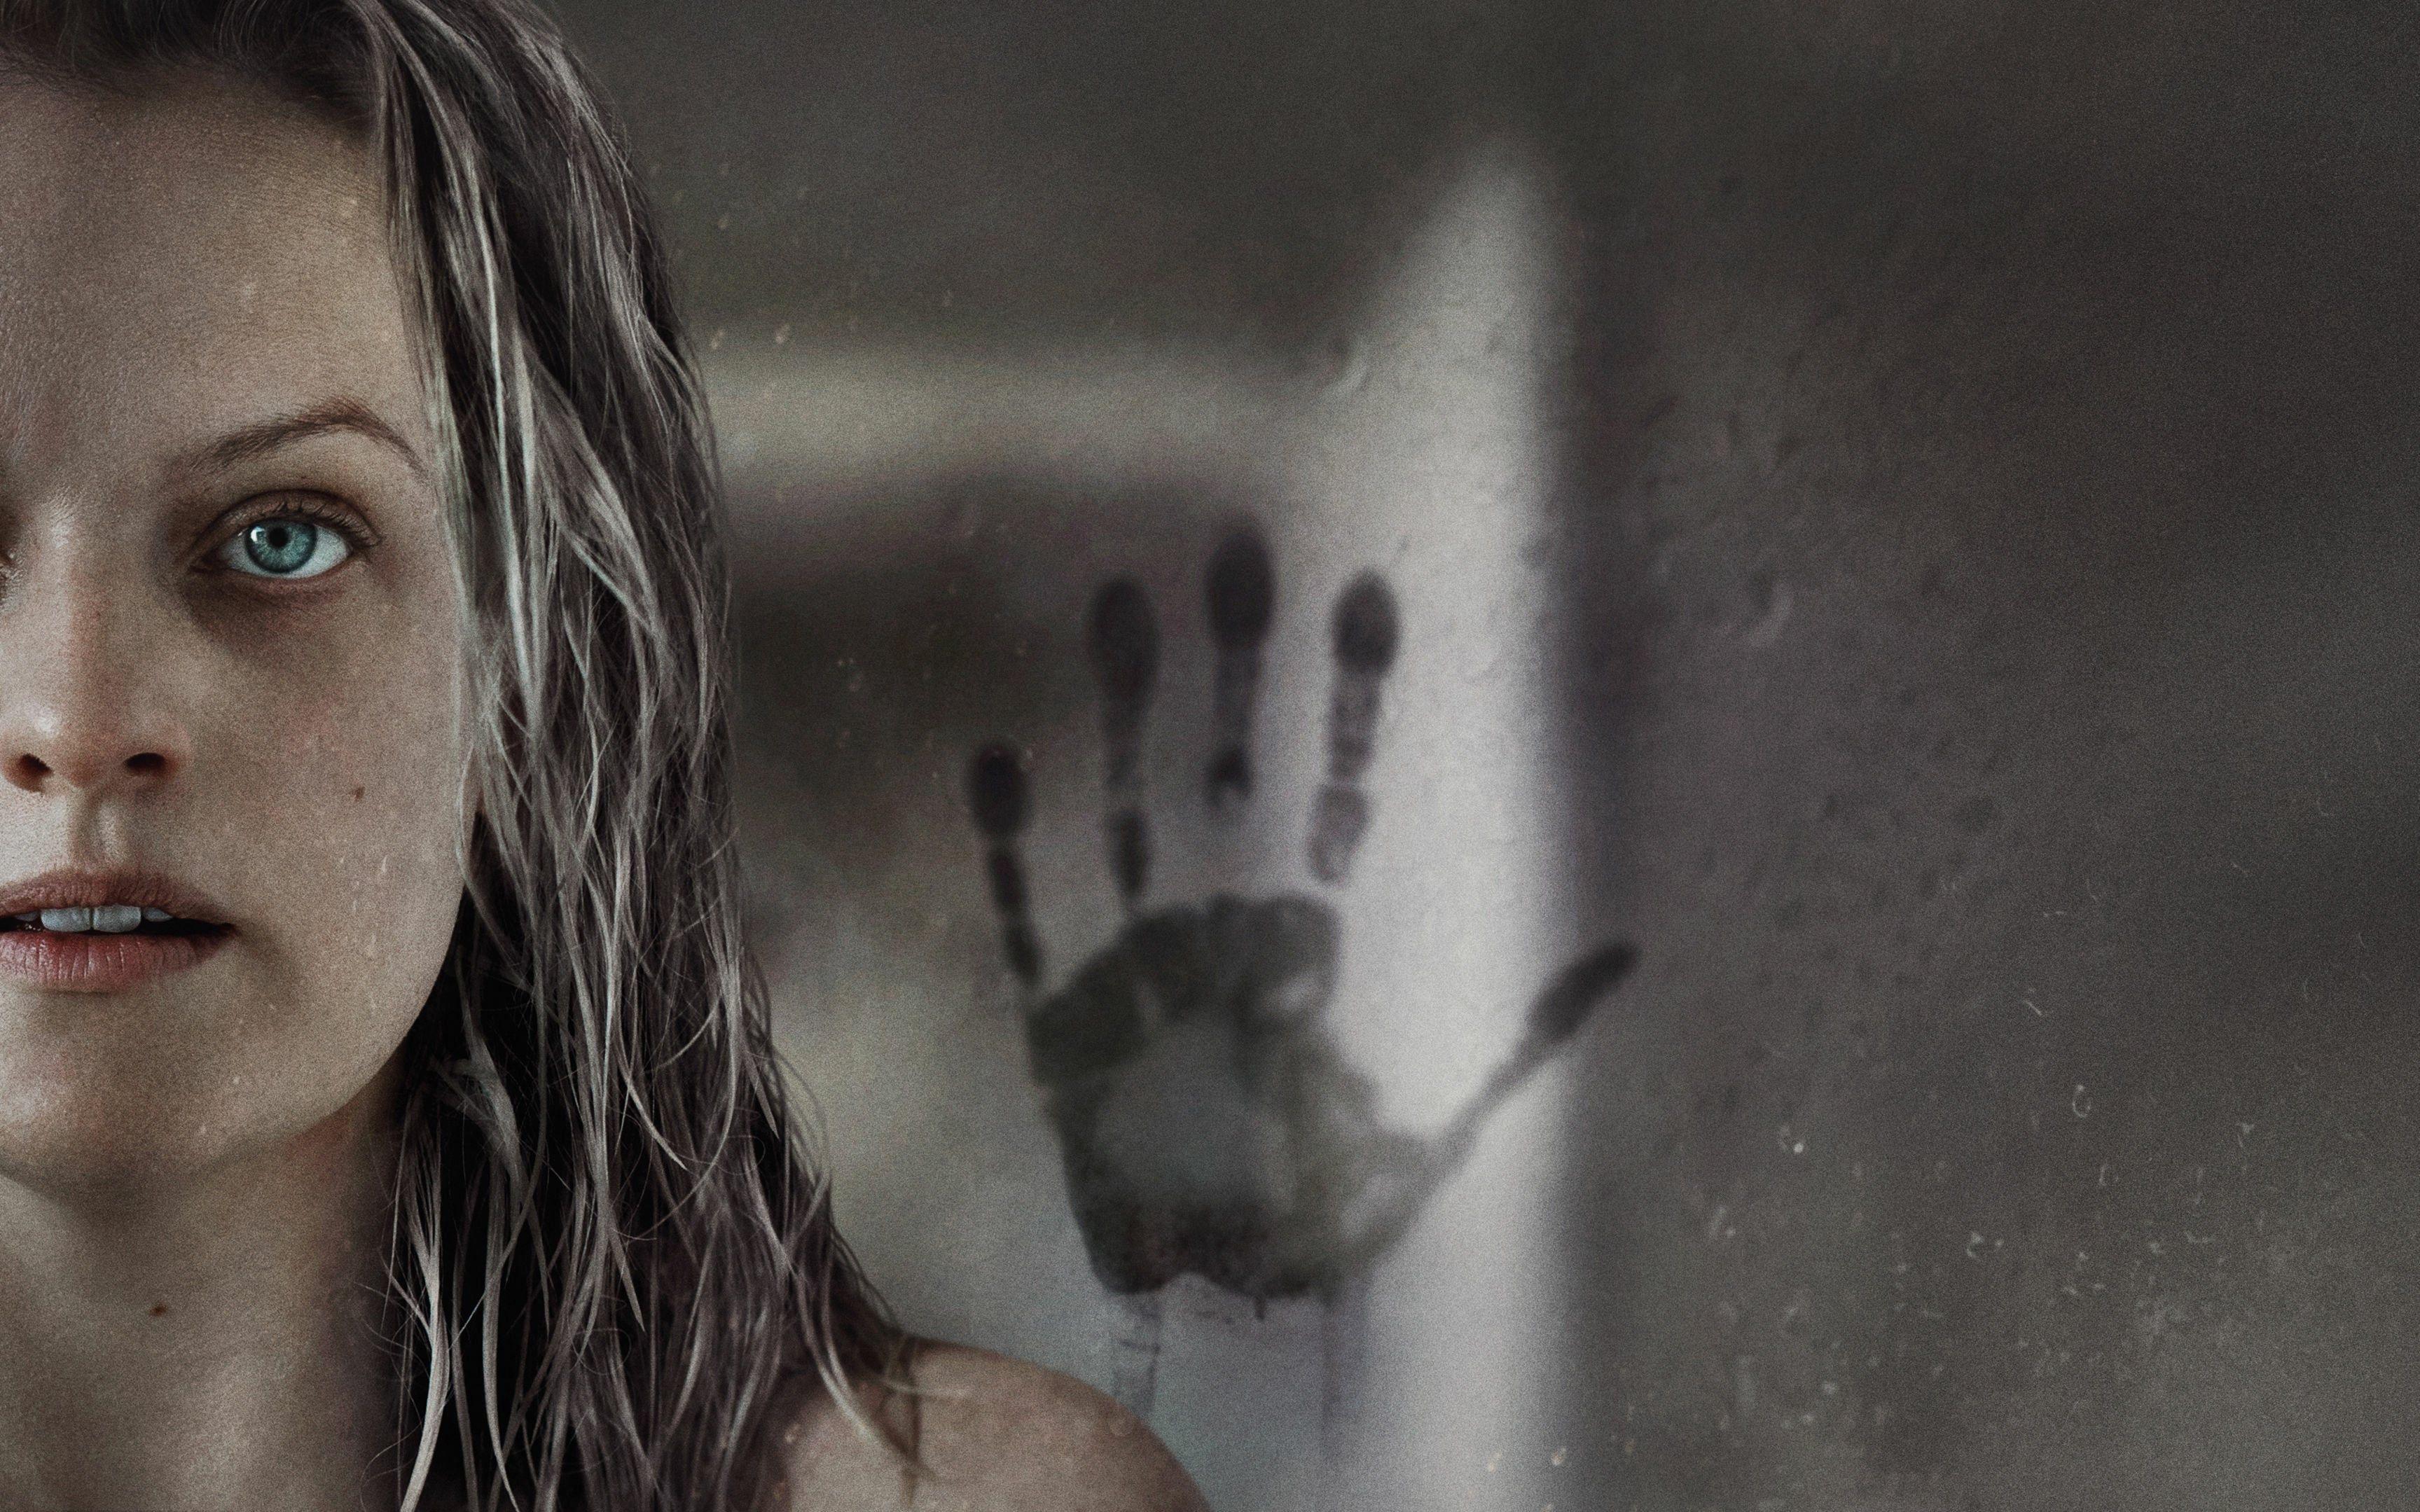 《隐形人》后,环球将开发多部经典怪物片新作